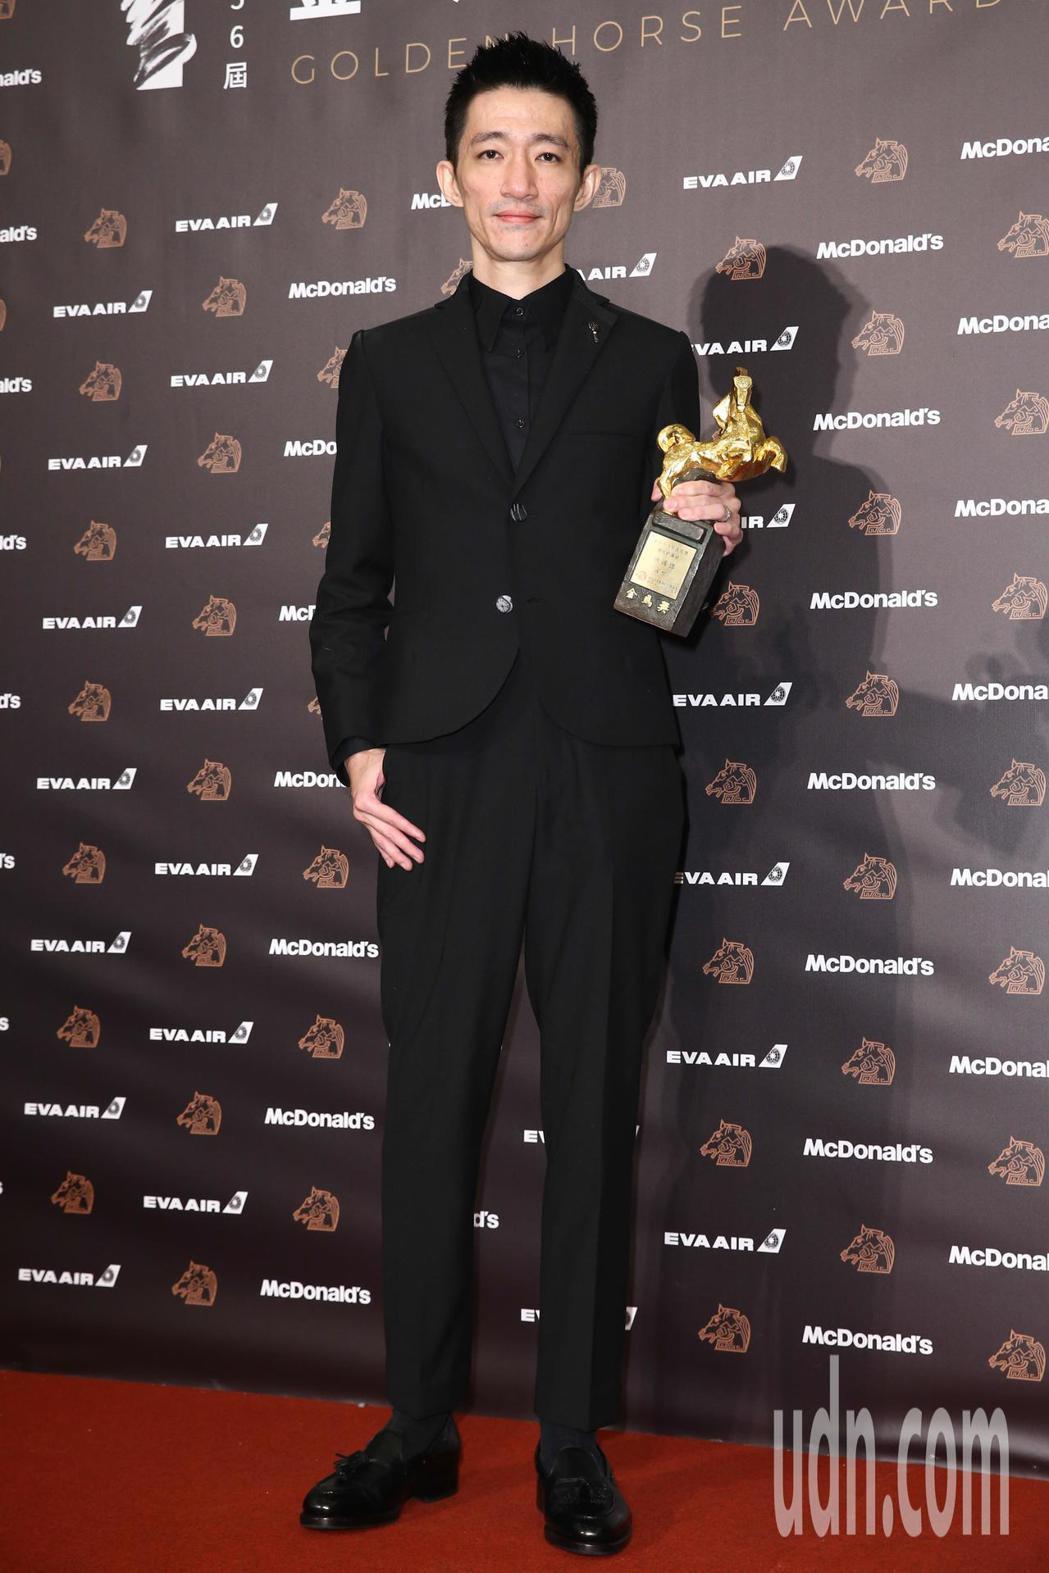 第56屆金馬獎頒獎典禮,「返校」徐漢強獲得最佳新導演。記者曾原信/攝影